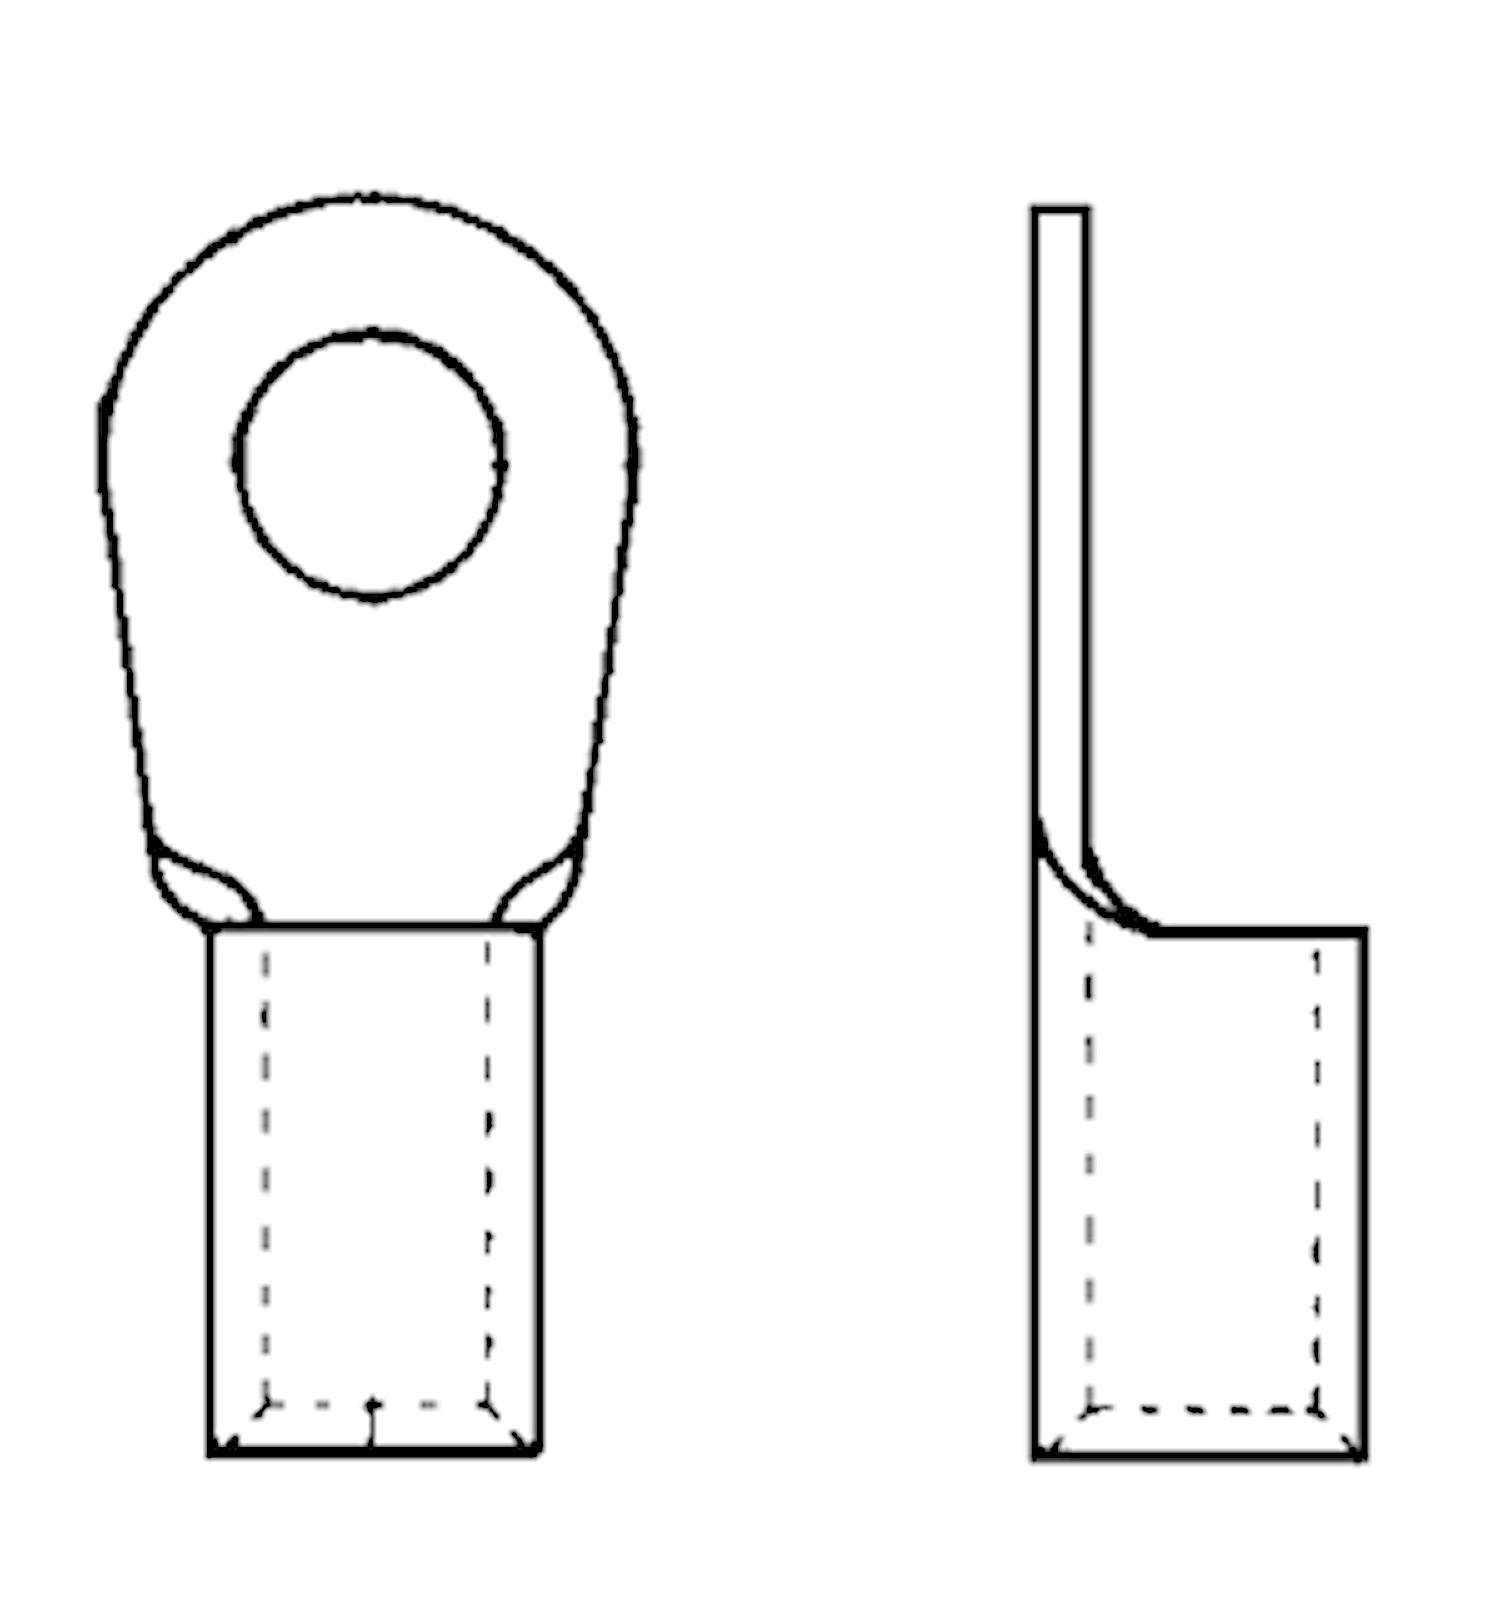 Presskabelsko 10,5mm , 16mm²